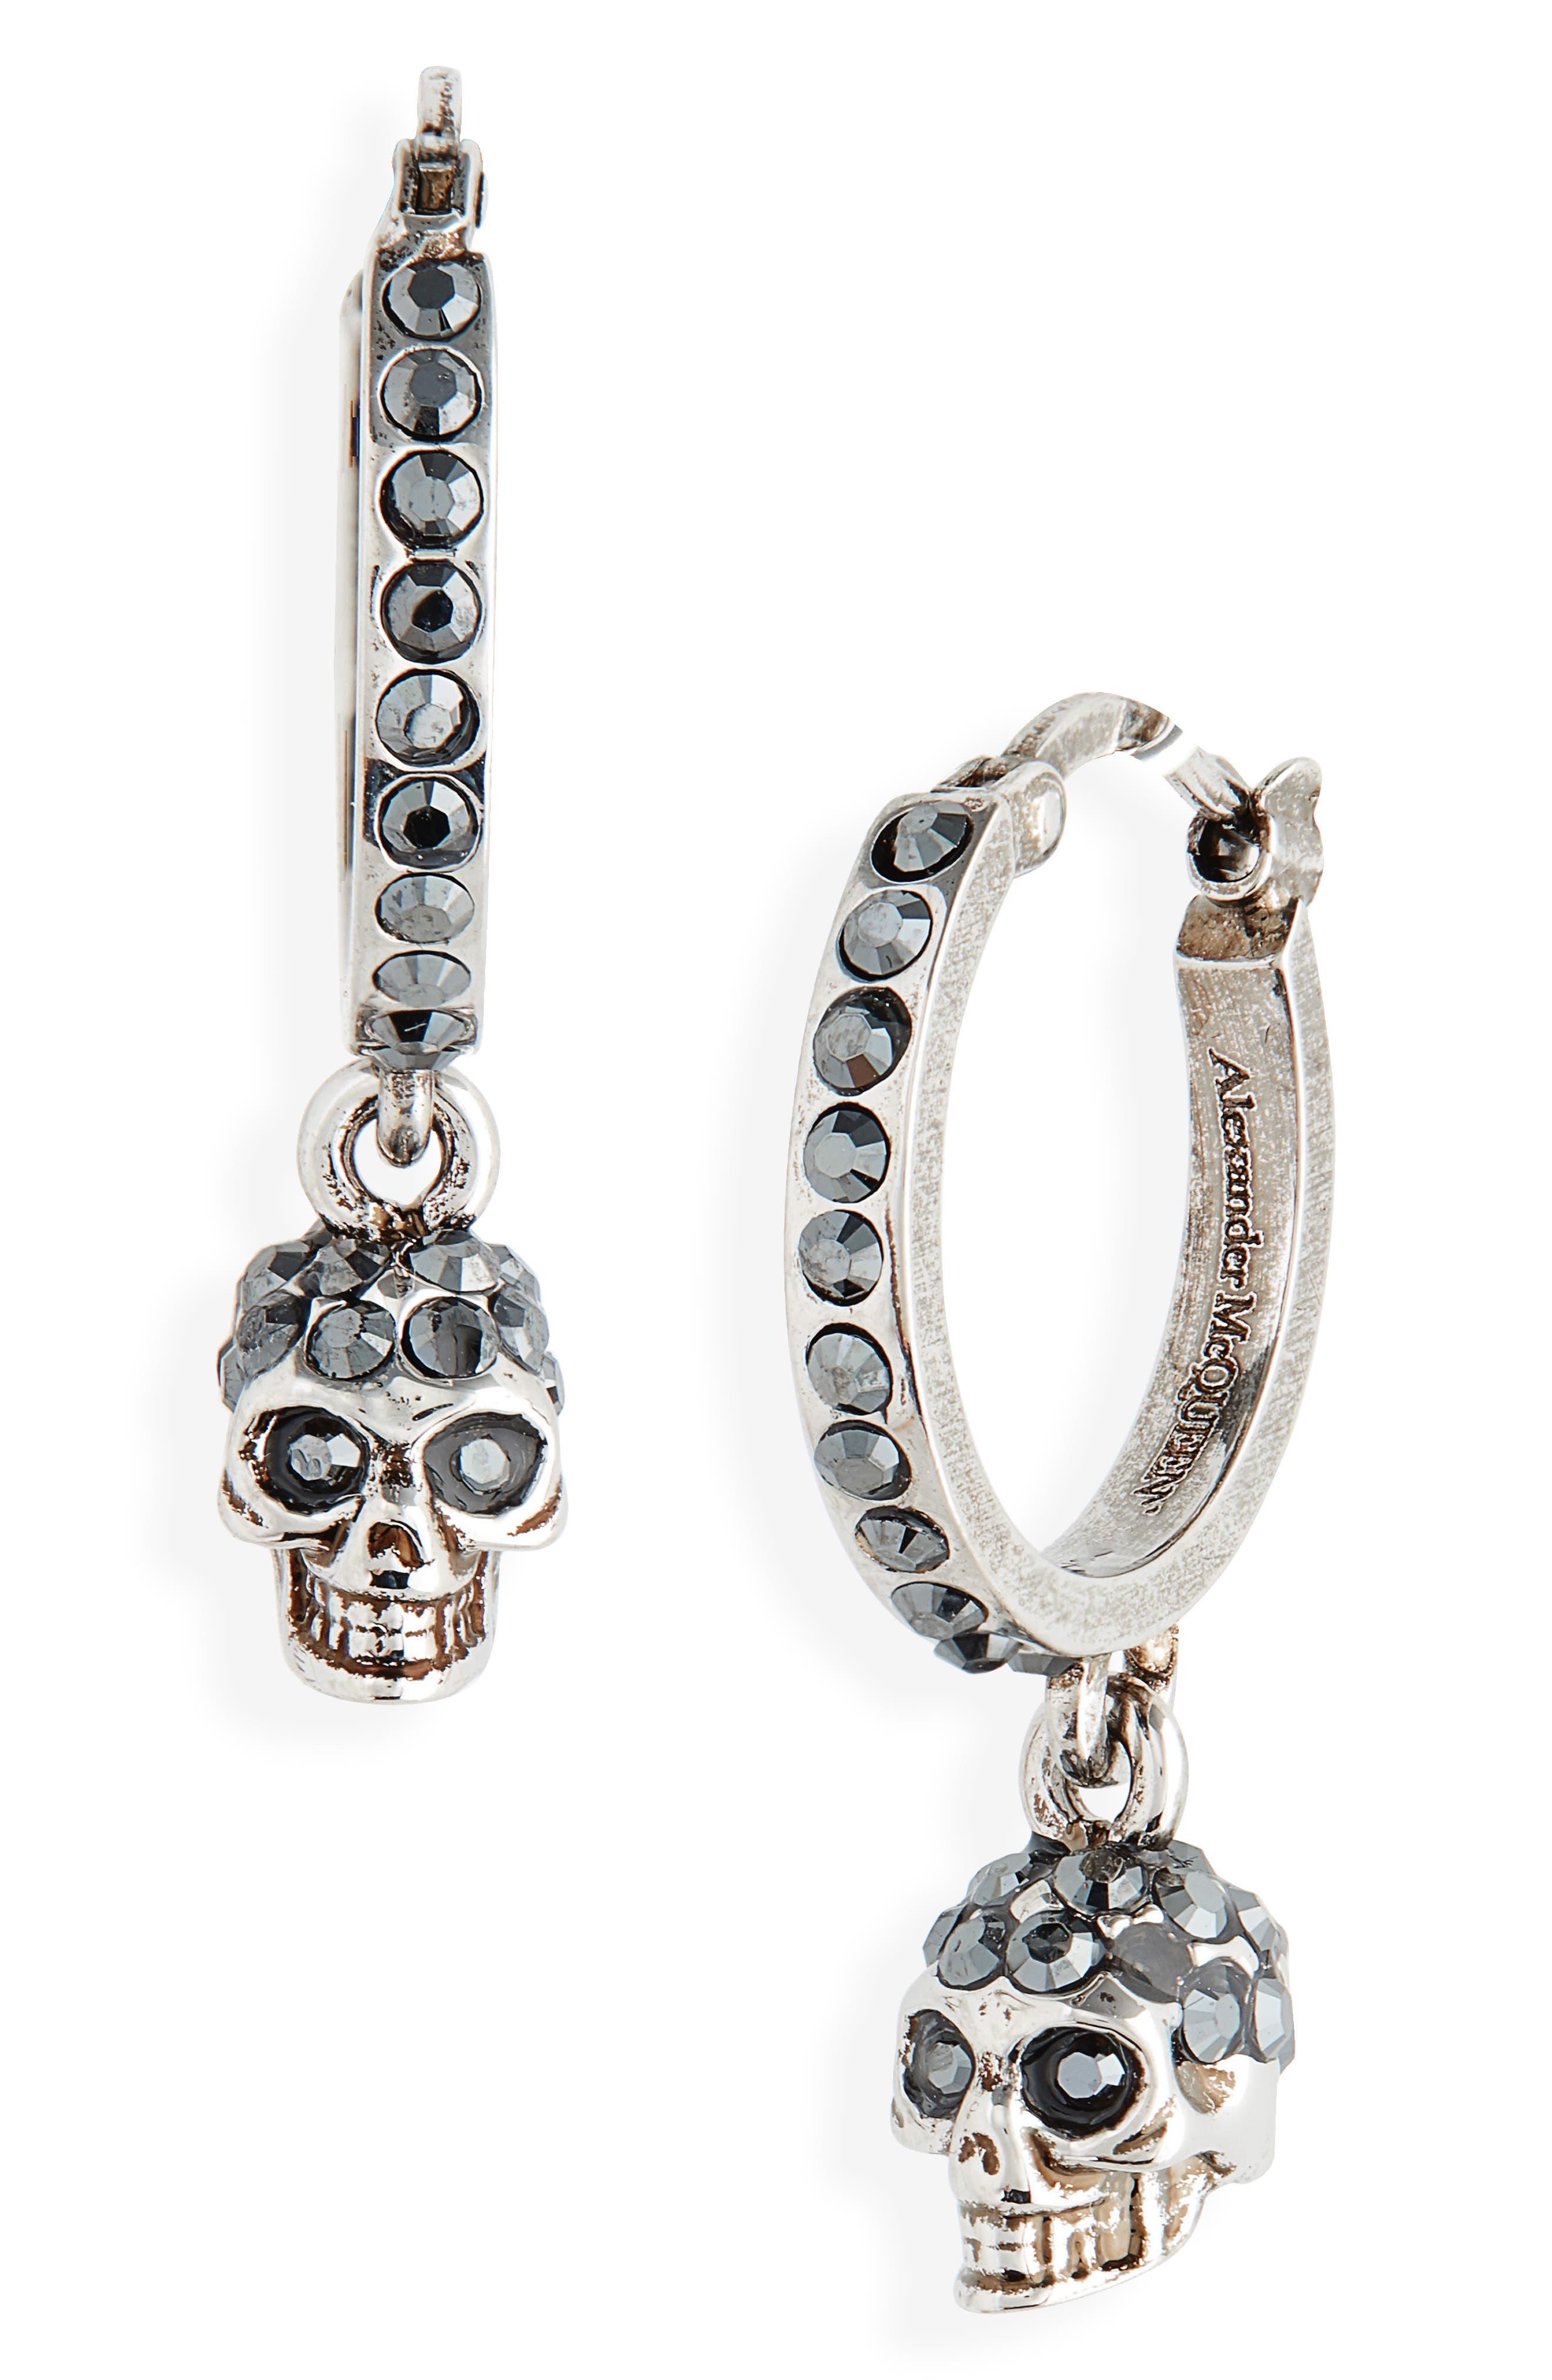 Skull Mini Hoop Earrings,                             Main thumbnail 1, color,                             040